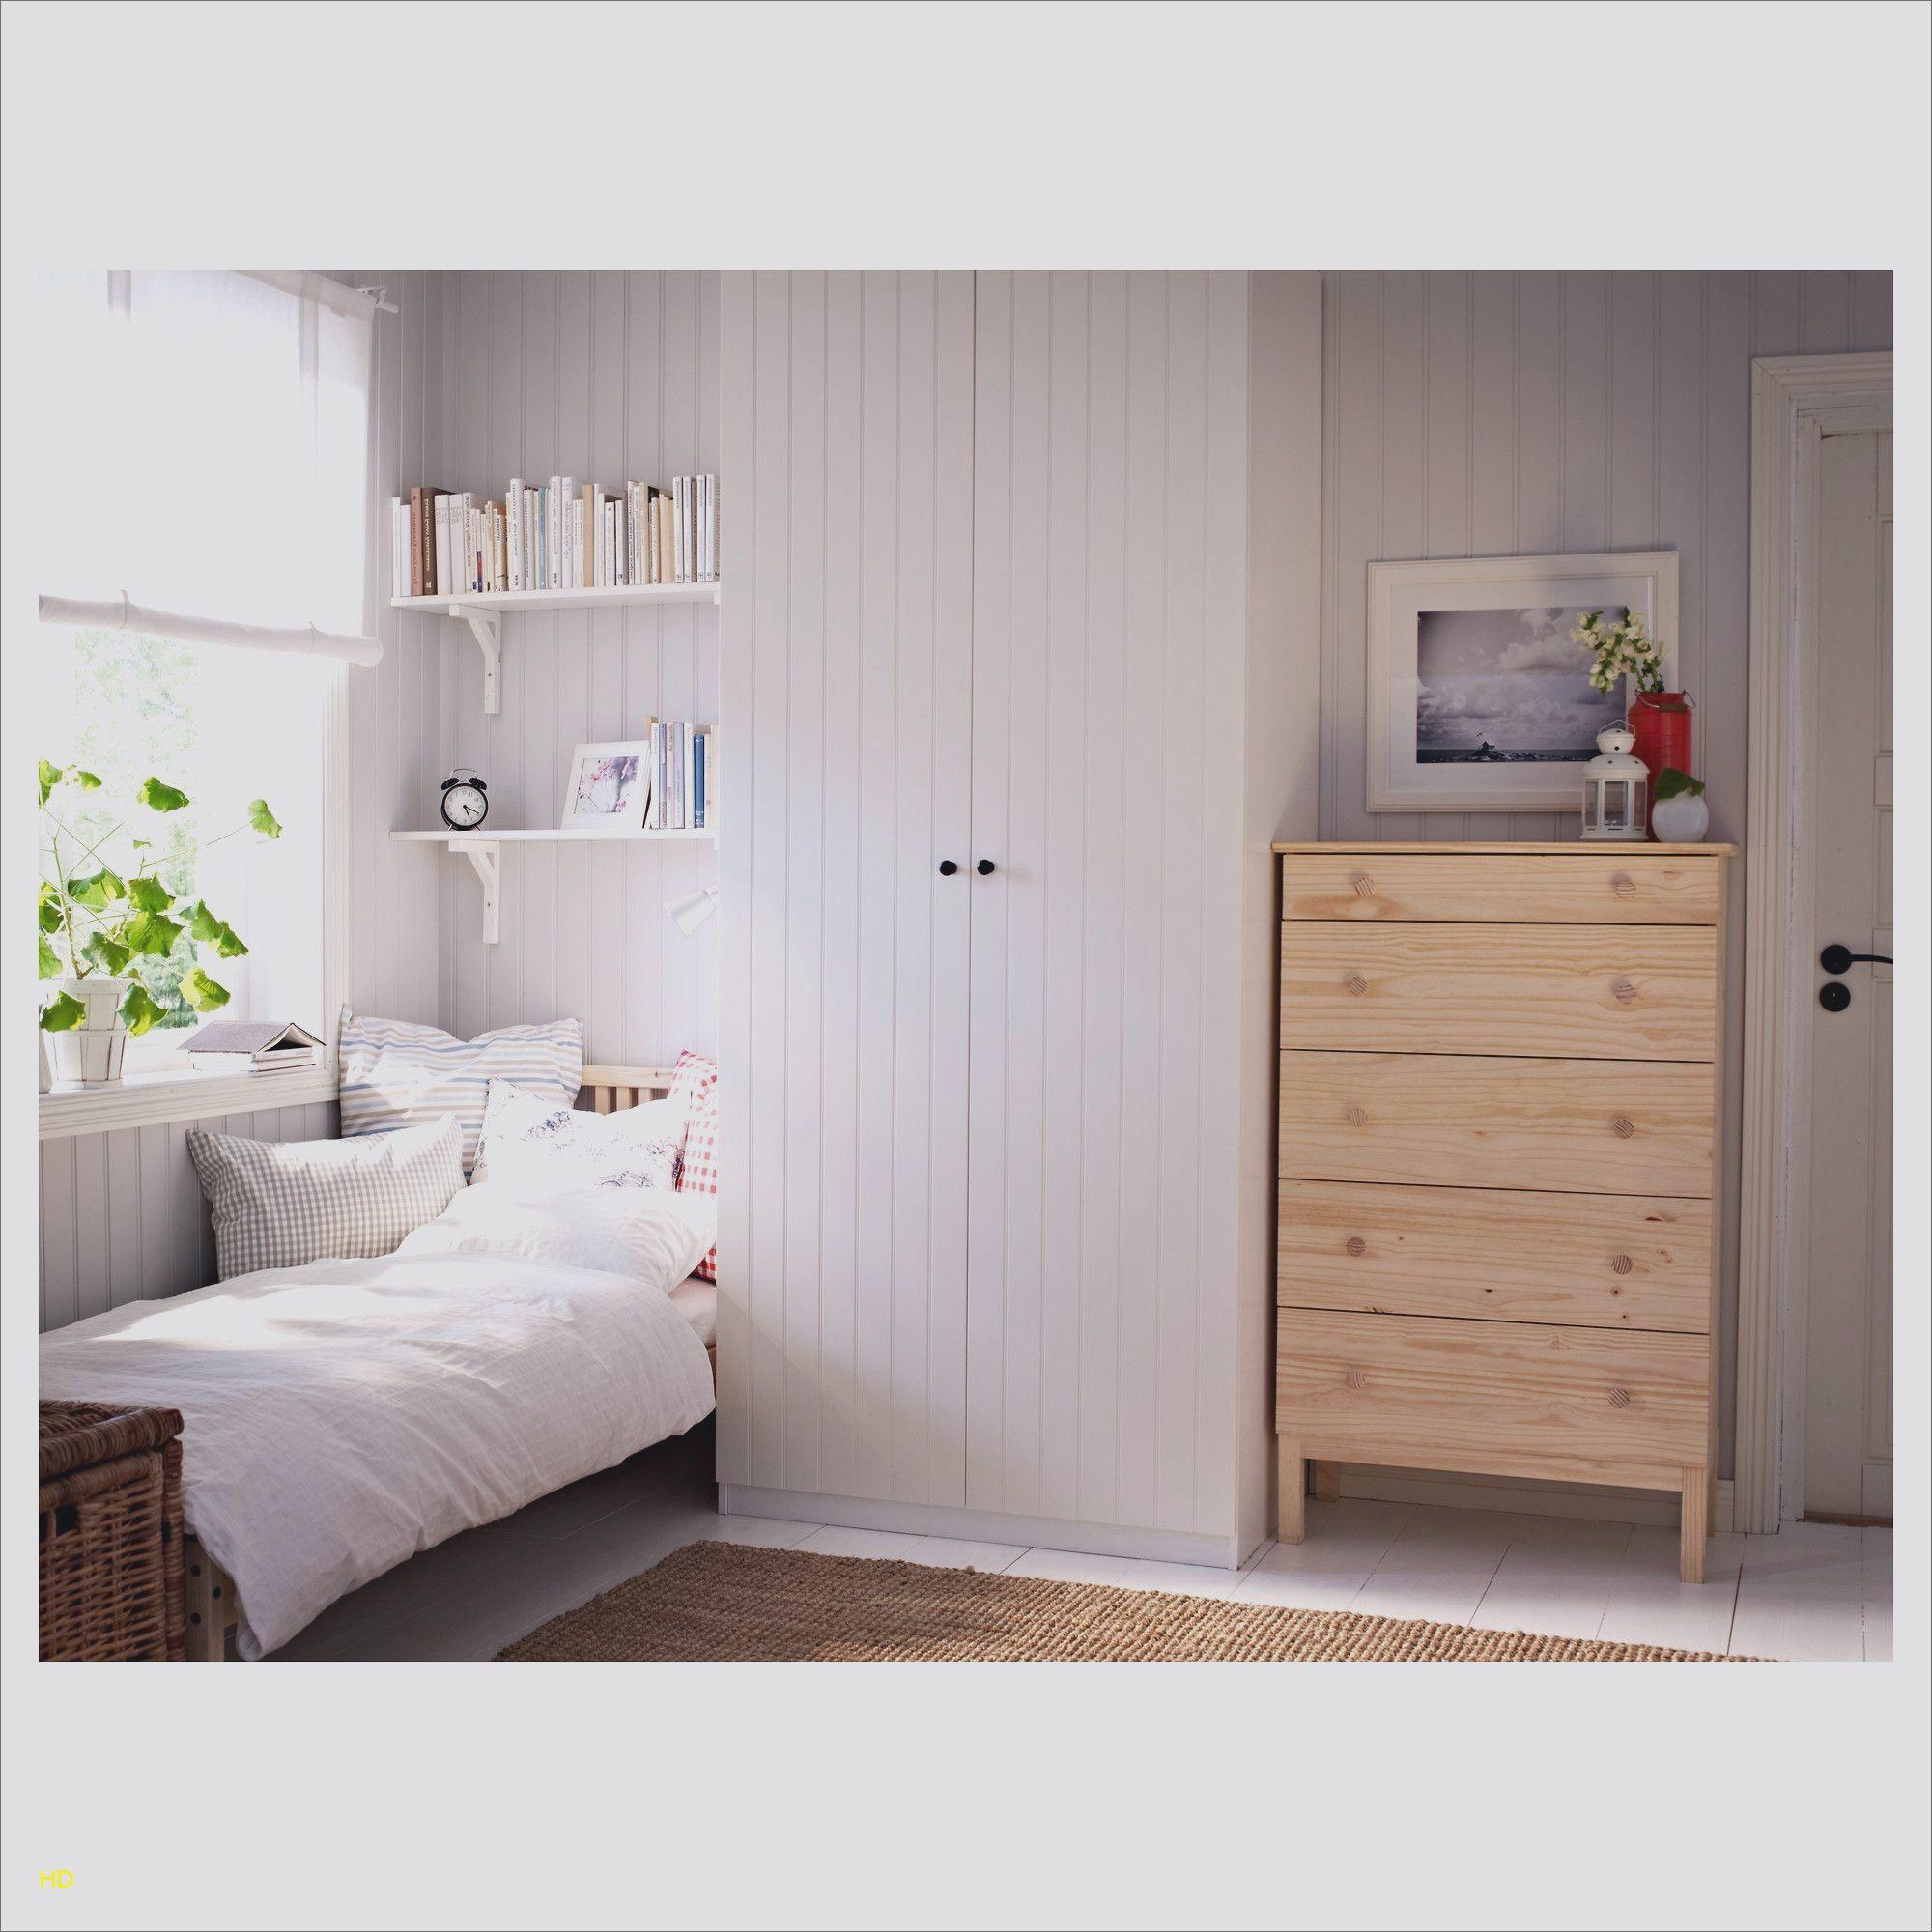 Lit Gain De Place Ikea Nouveau Entra Nant Armoire Lit Ikea Dans Armoire Lit Ikea Avec Lit Gain De